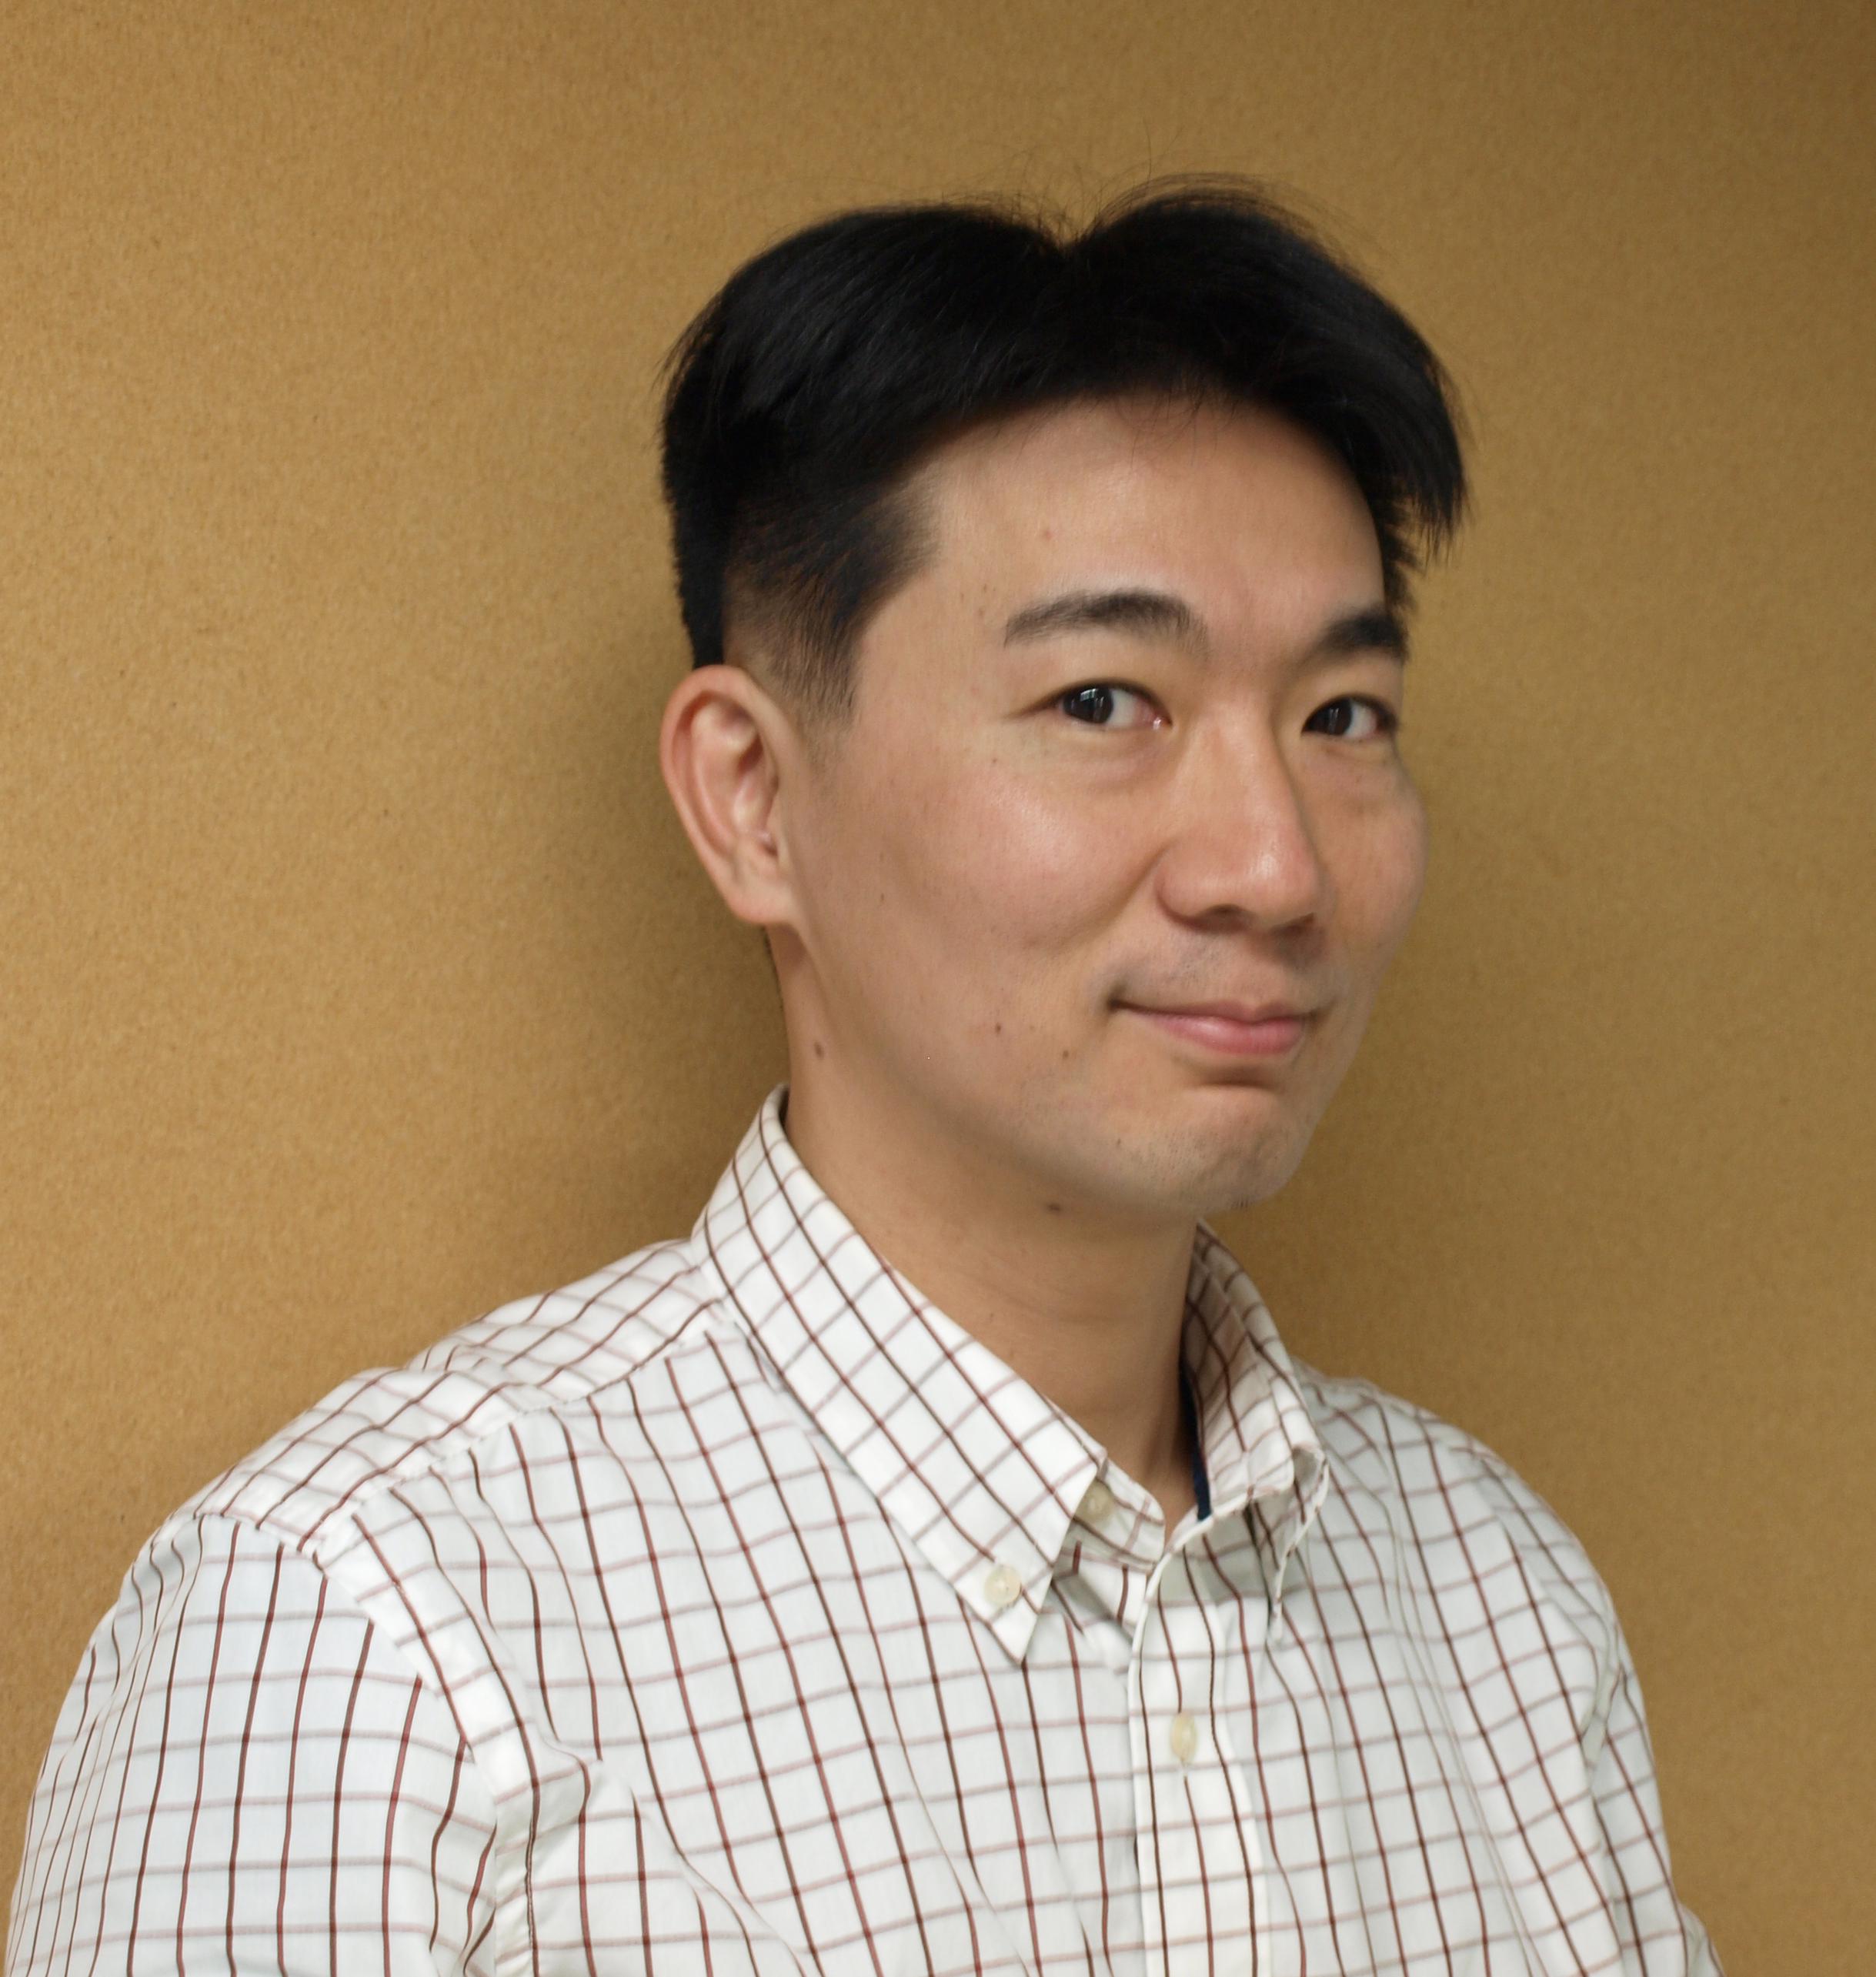 Takahisa Sanada